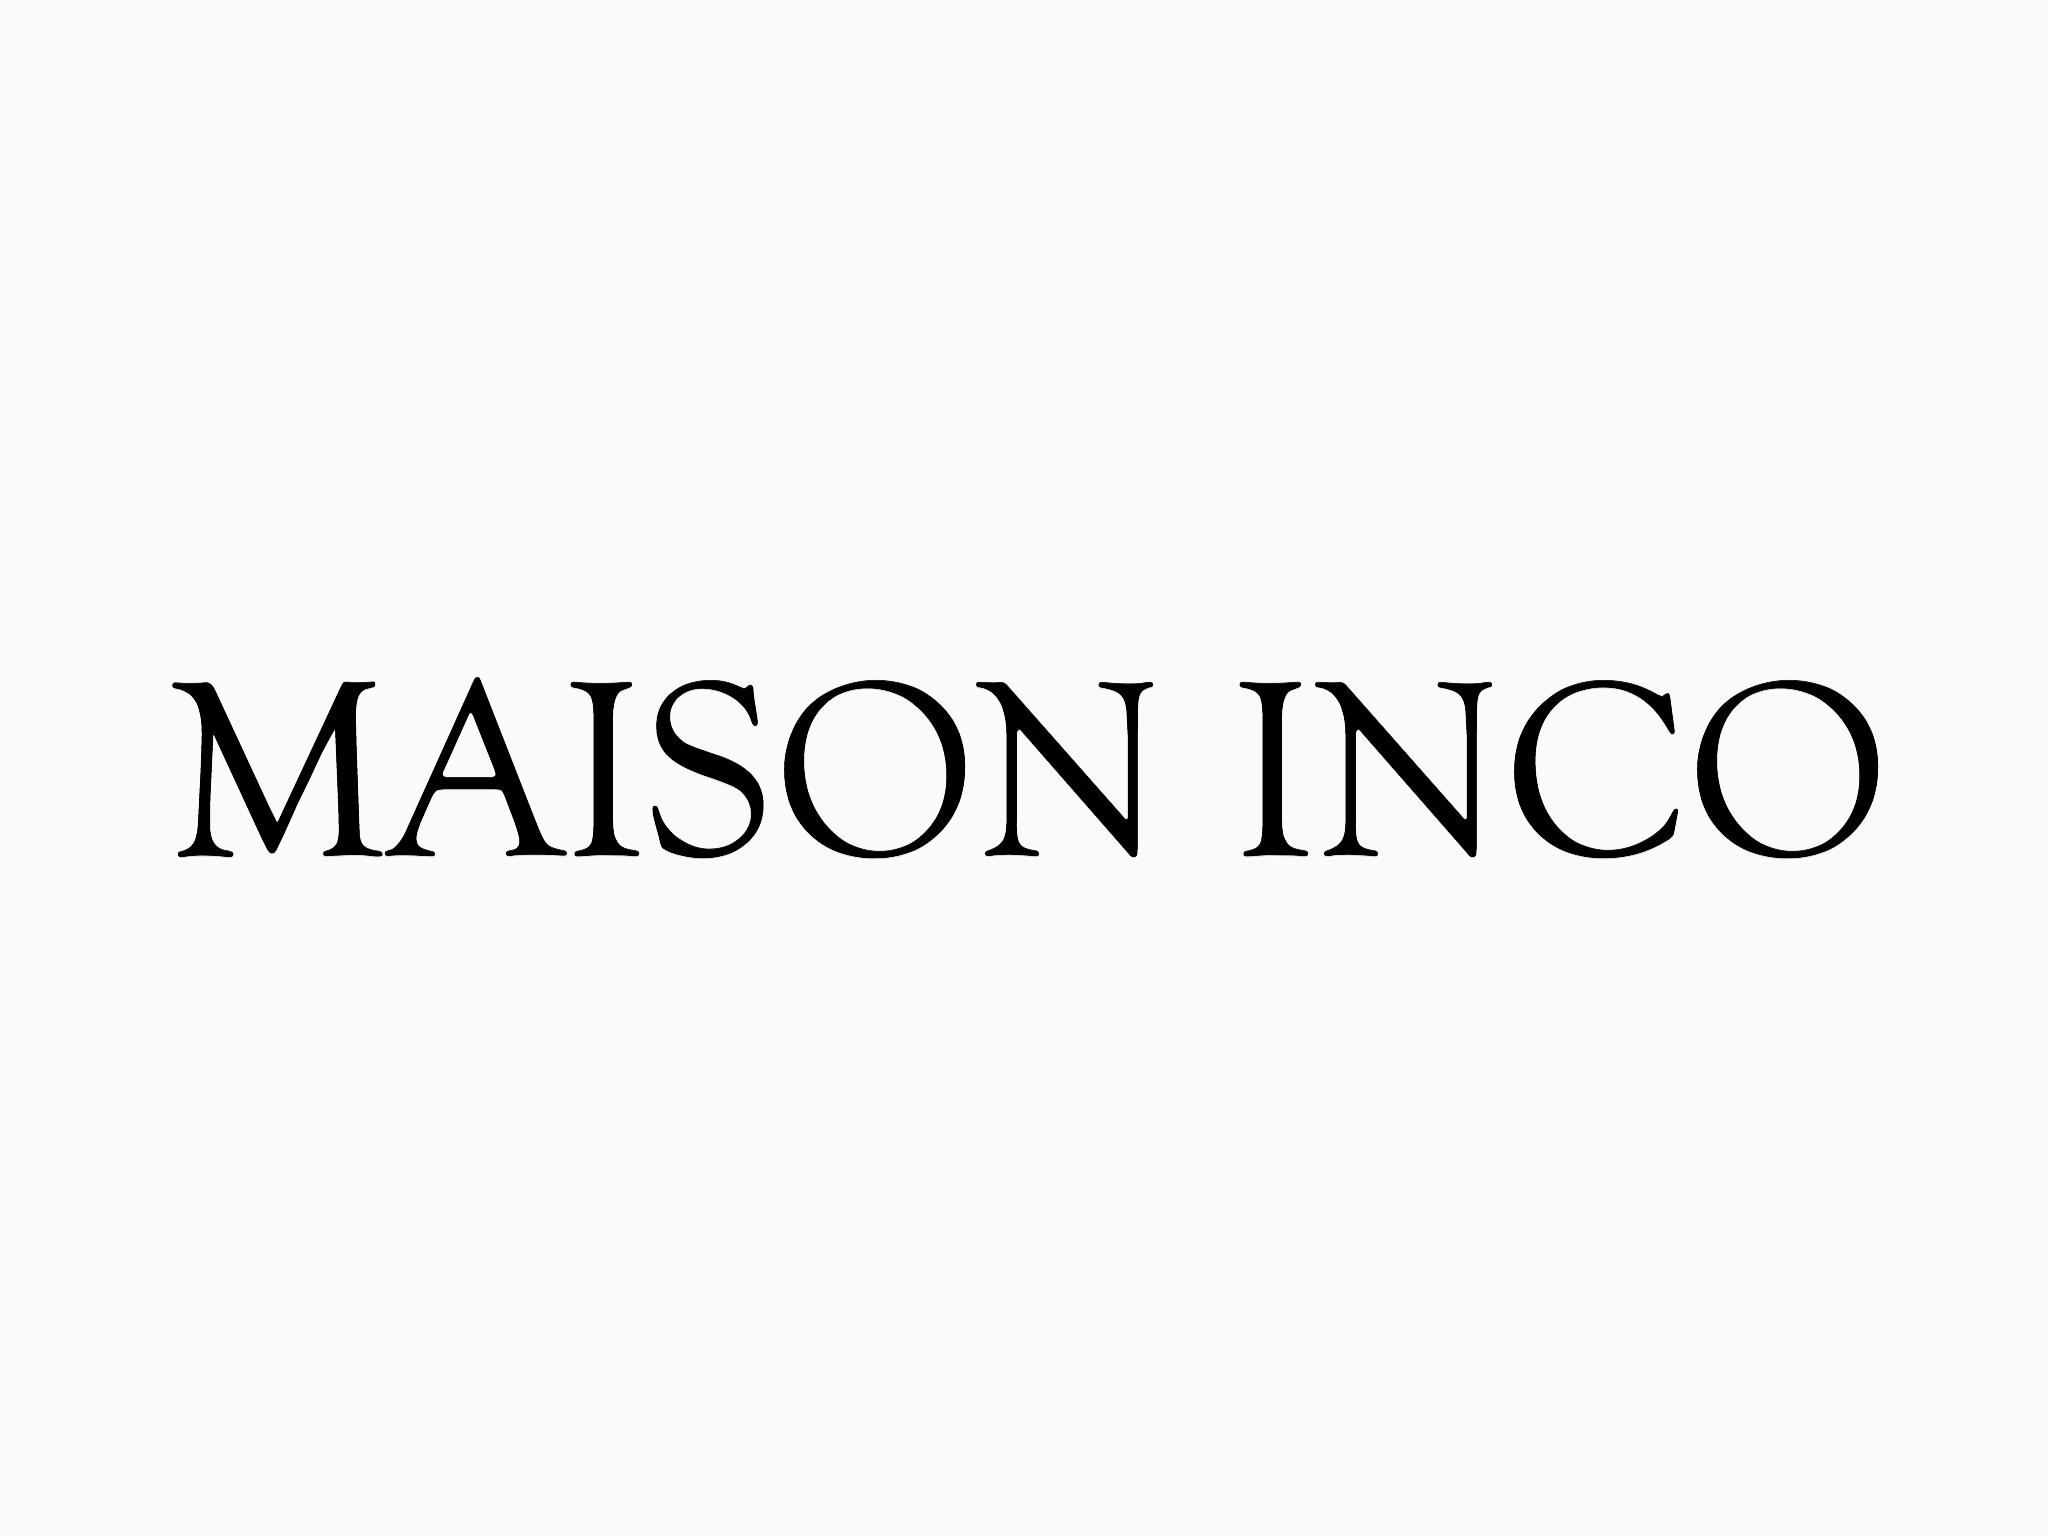 MAISON INCO「ワインとビール好きの夫婦が創るお酒に寄り添うキッシュ」